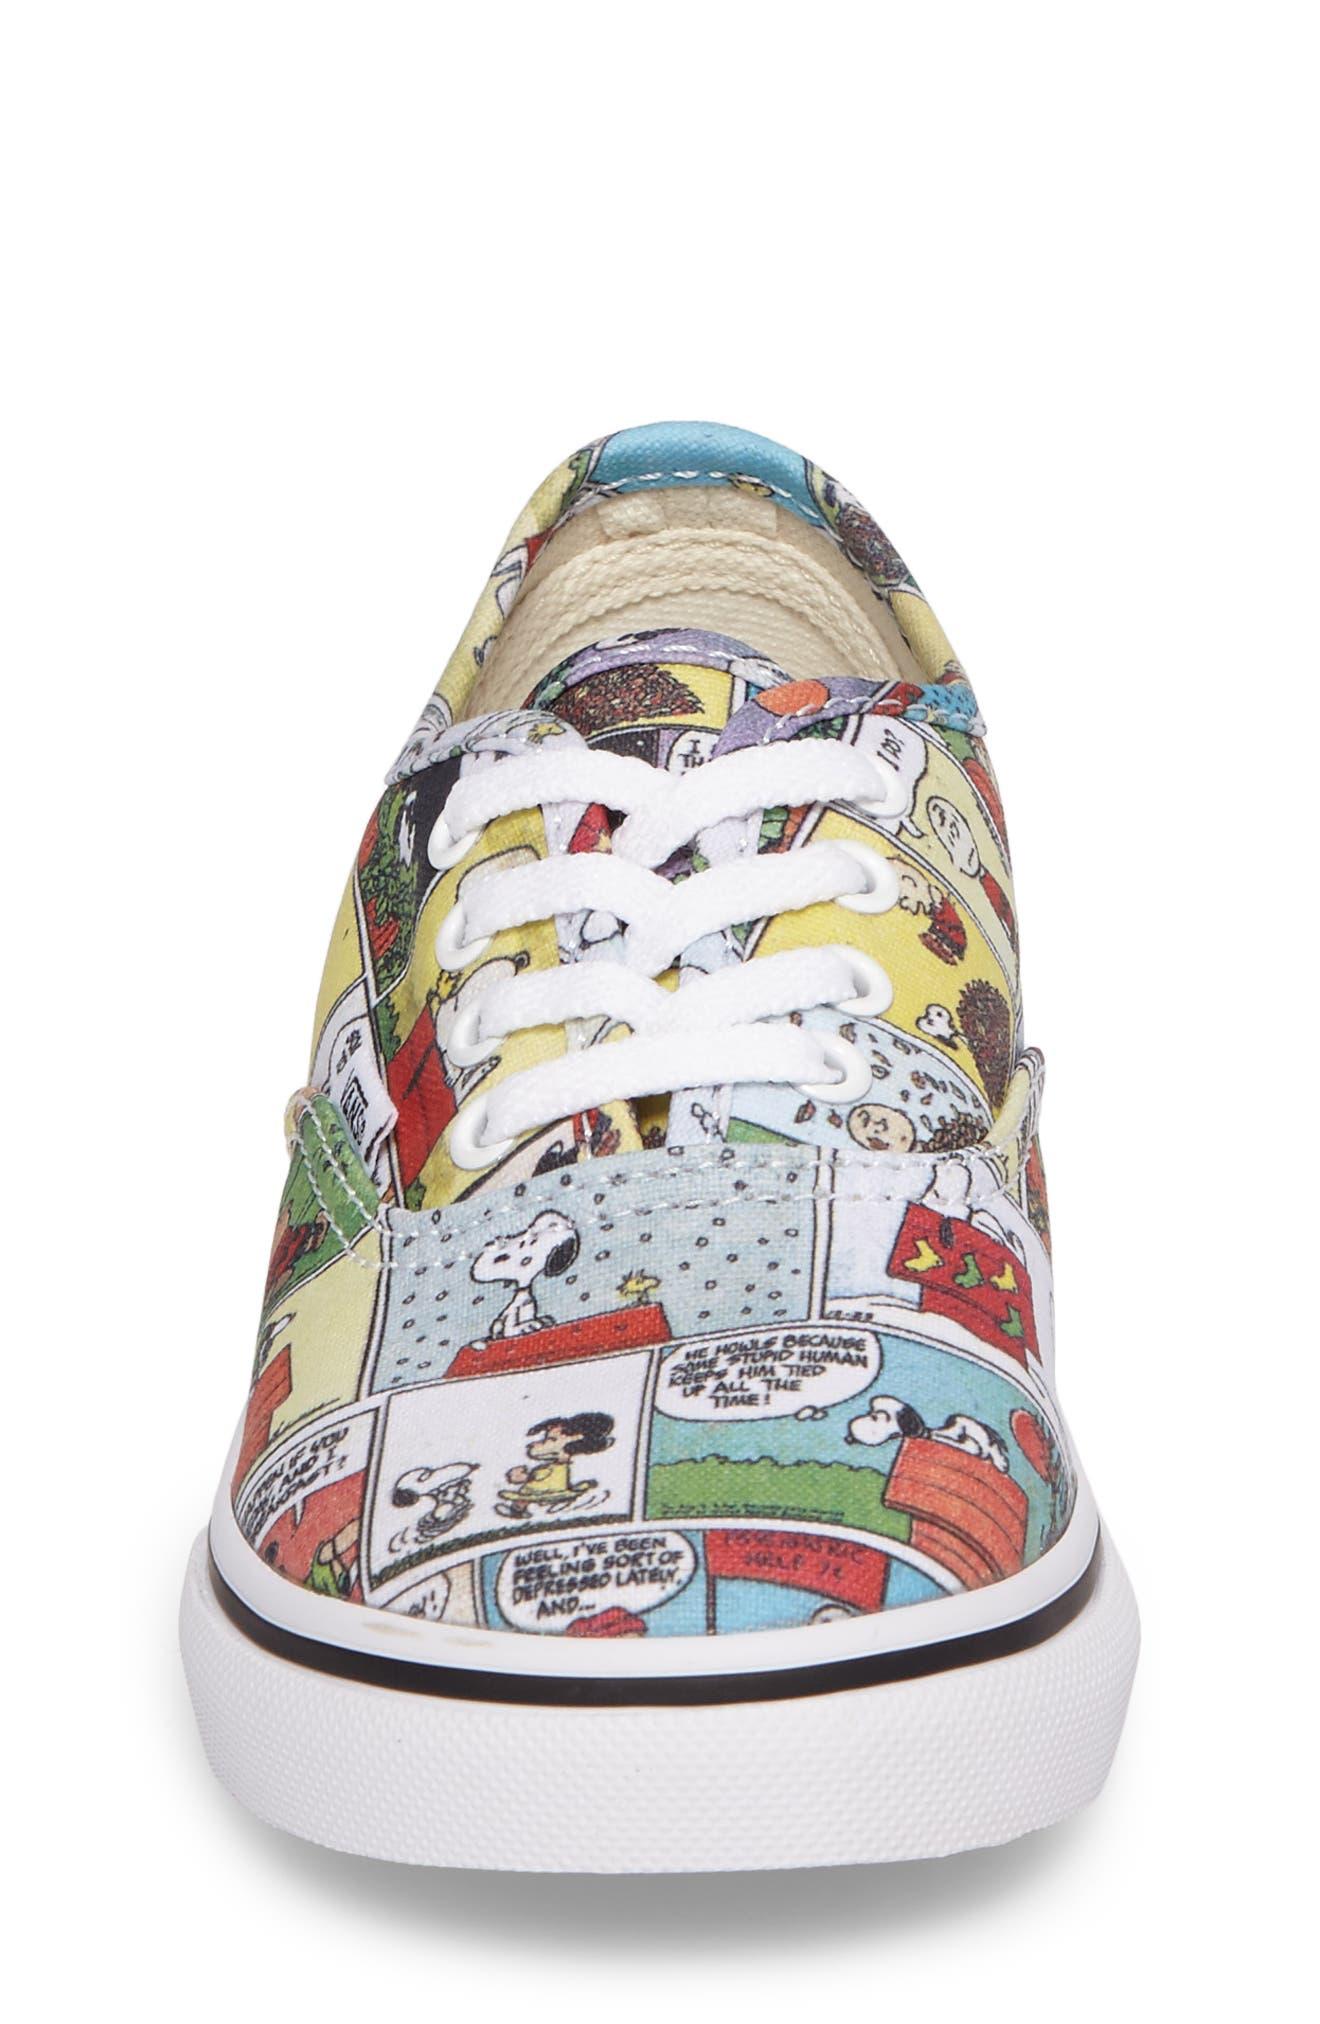 Alternate Image 4  - Vans x Peanuts Authentic Low Top Sneaker (Baby, Walker, Toddler, Little Kid & Big Kid)